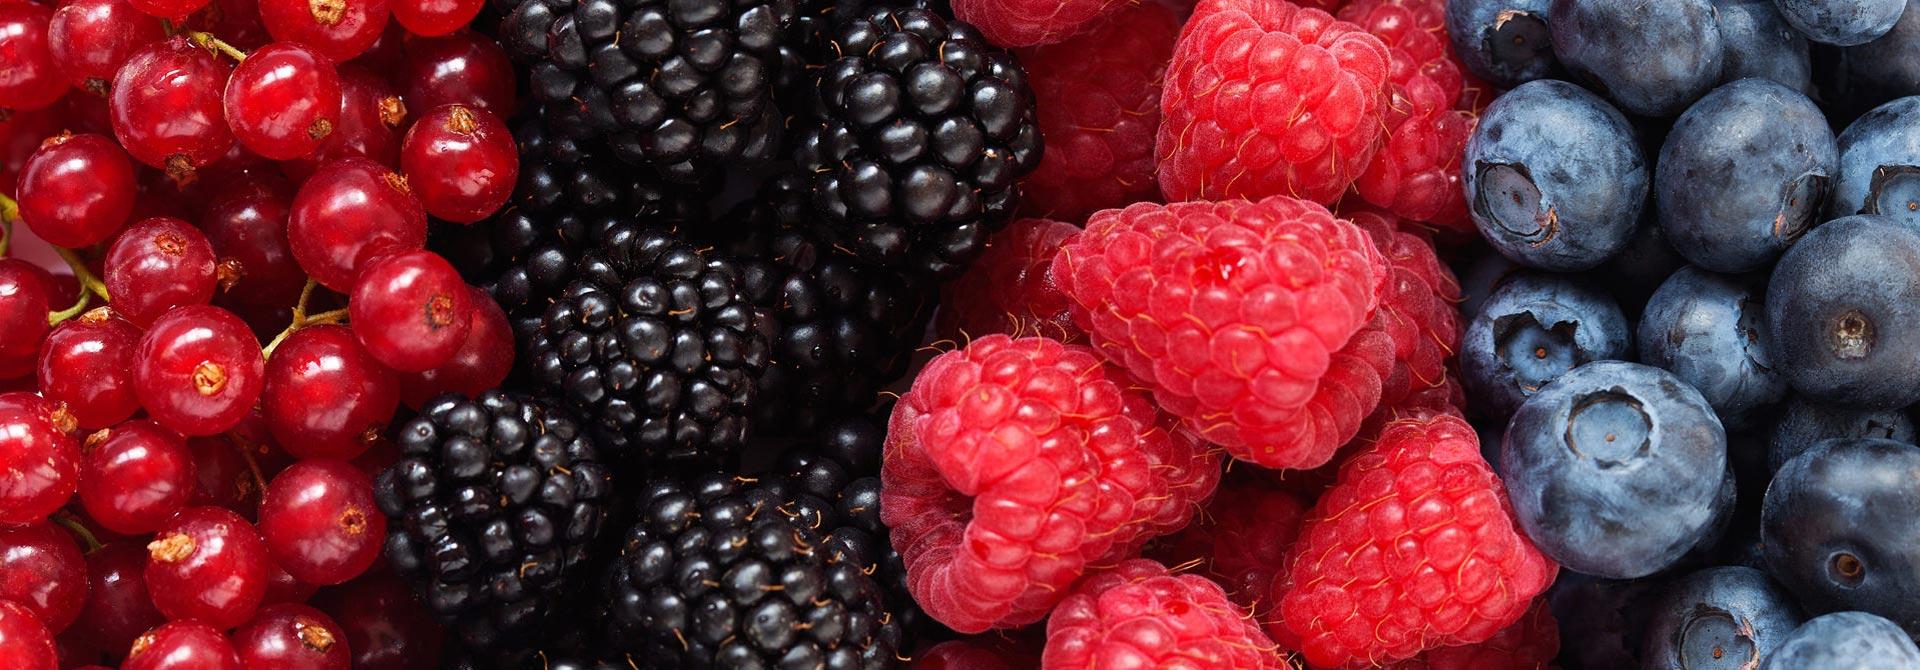 Raccolta piccoli frutti